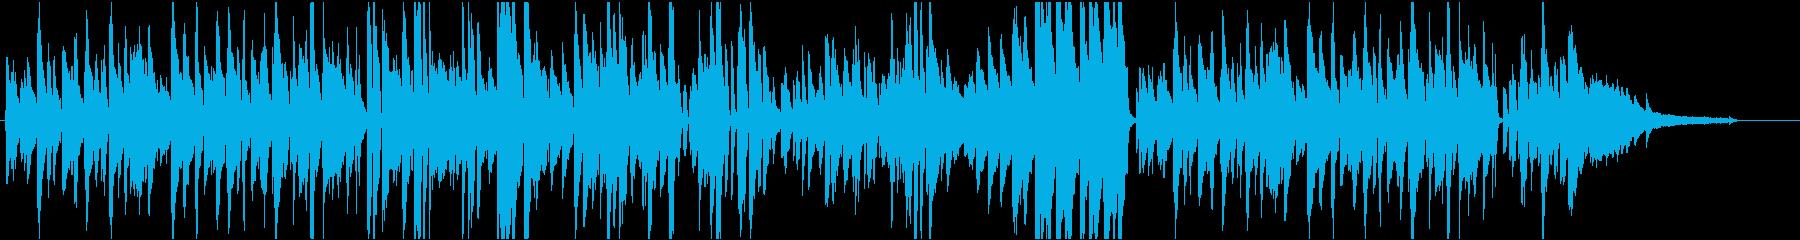 憂いのあるピアノ曲の再生済みの波形